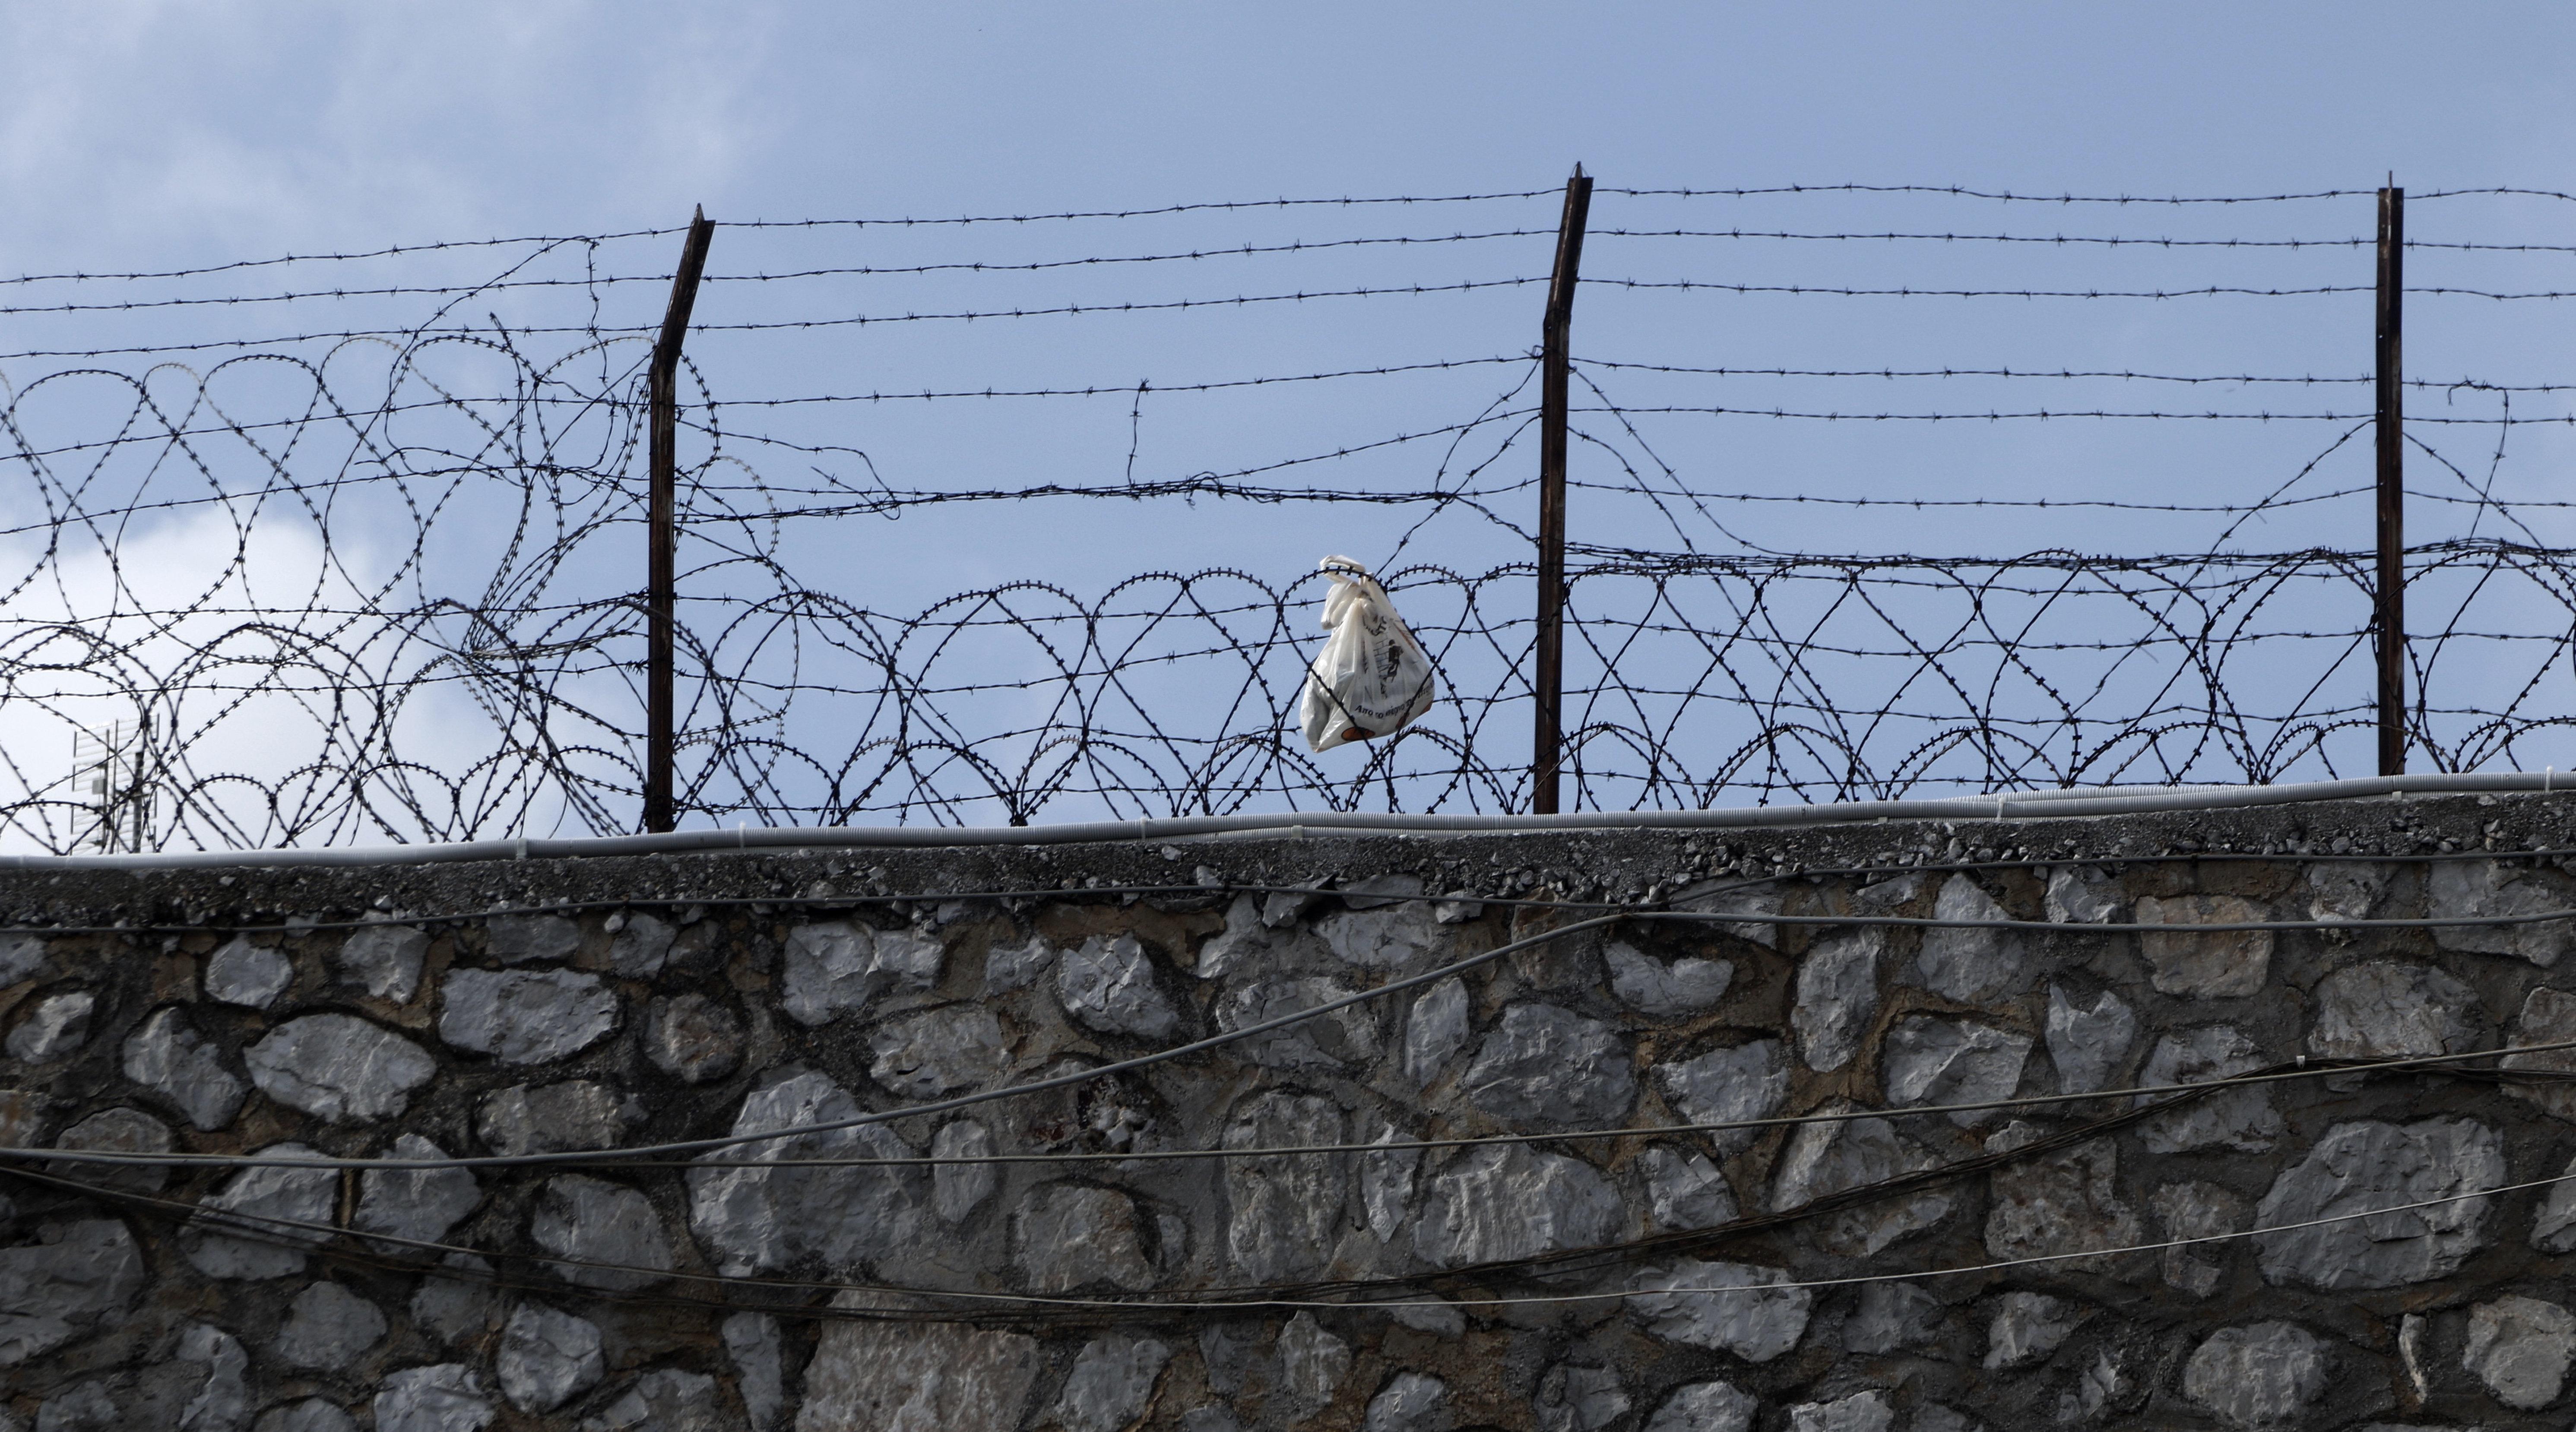 Τριπλή έρευνα σε εξέλιξη για την ομηρία στις φυλακές